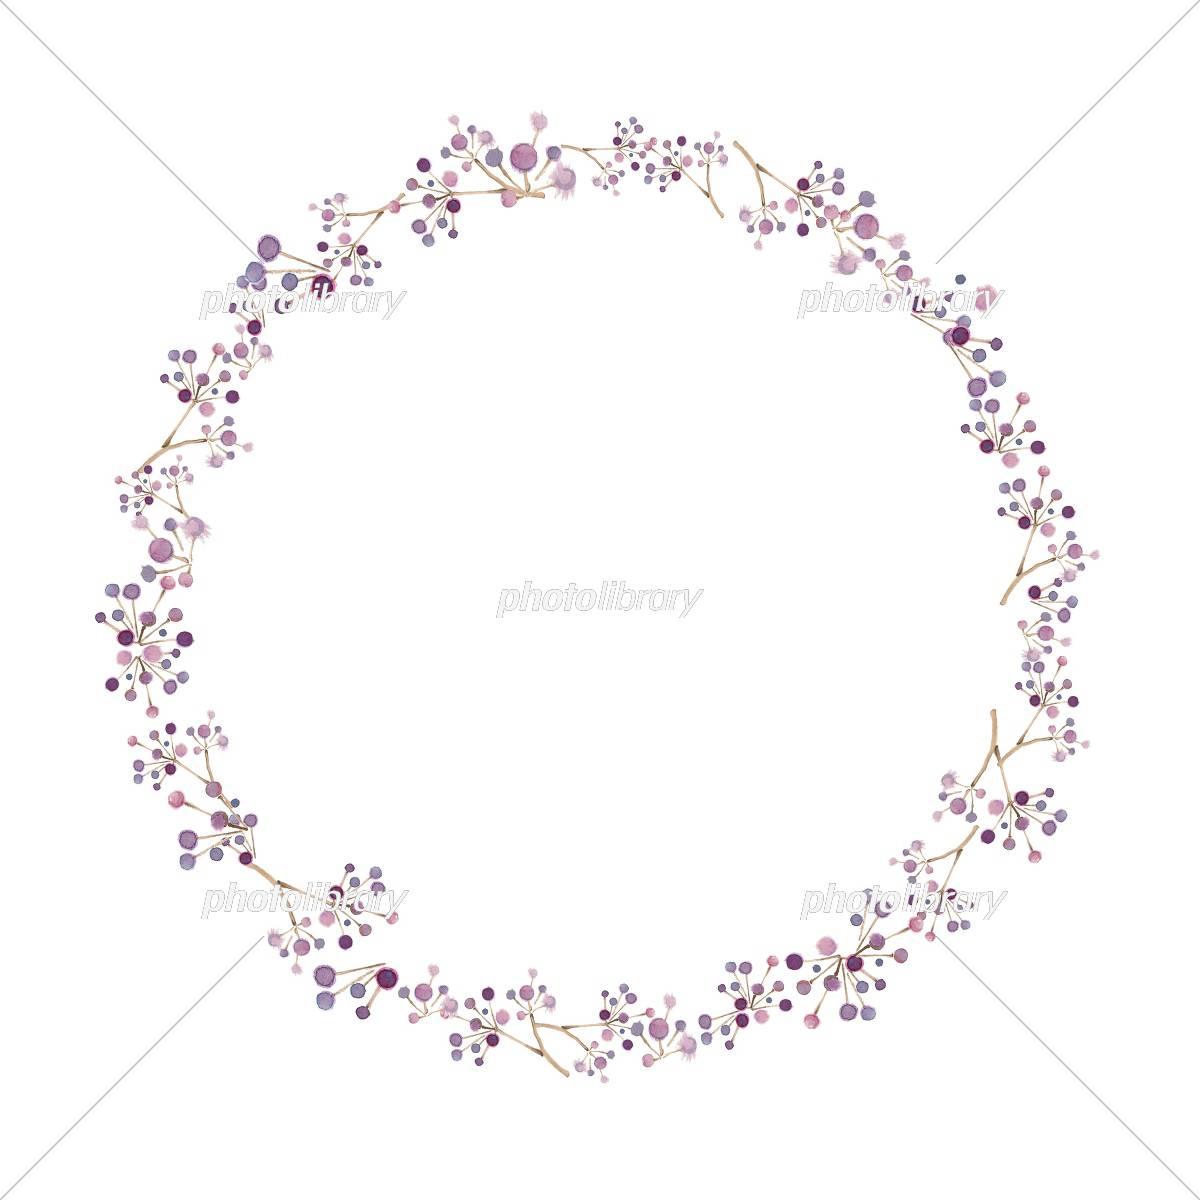 秋の森 フレーム 木の実 イラスト素材 [ 5102584 ] - フォトライブ